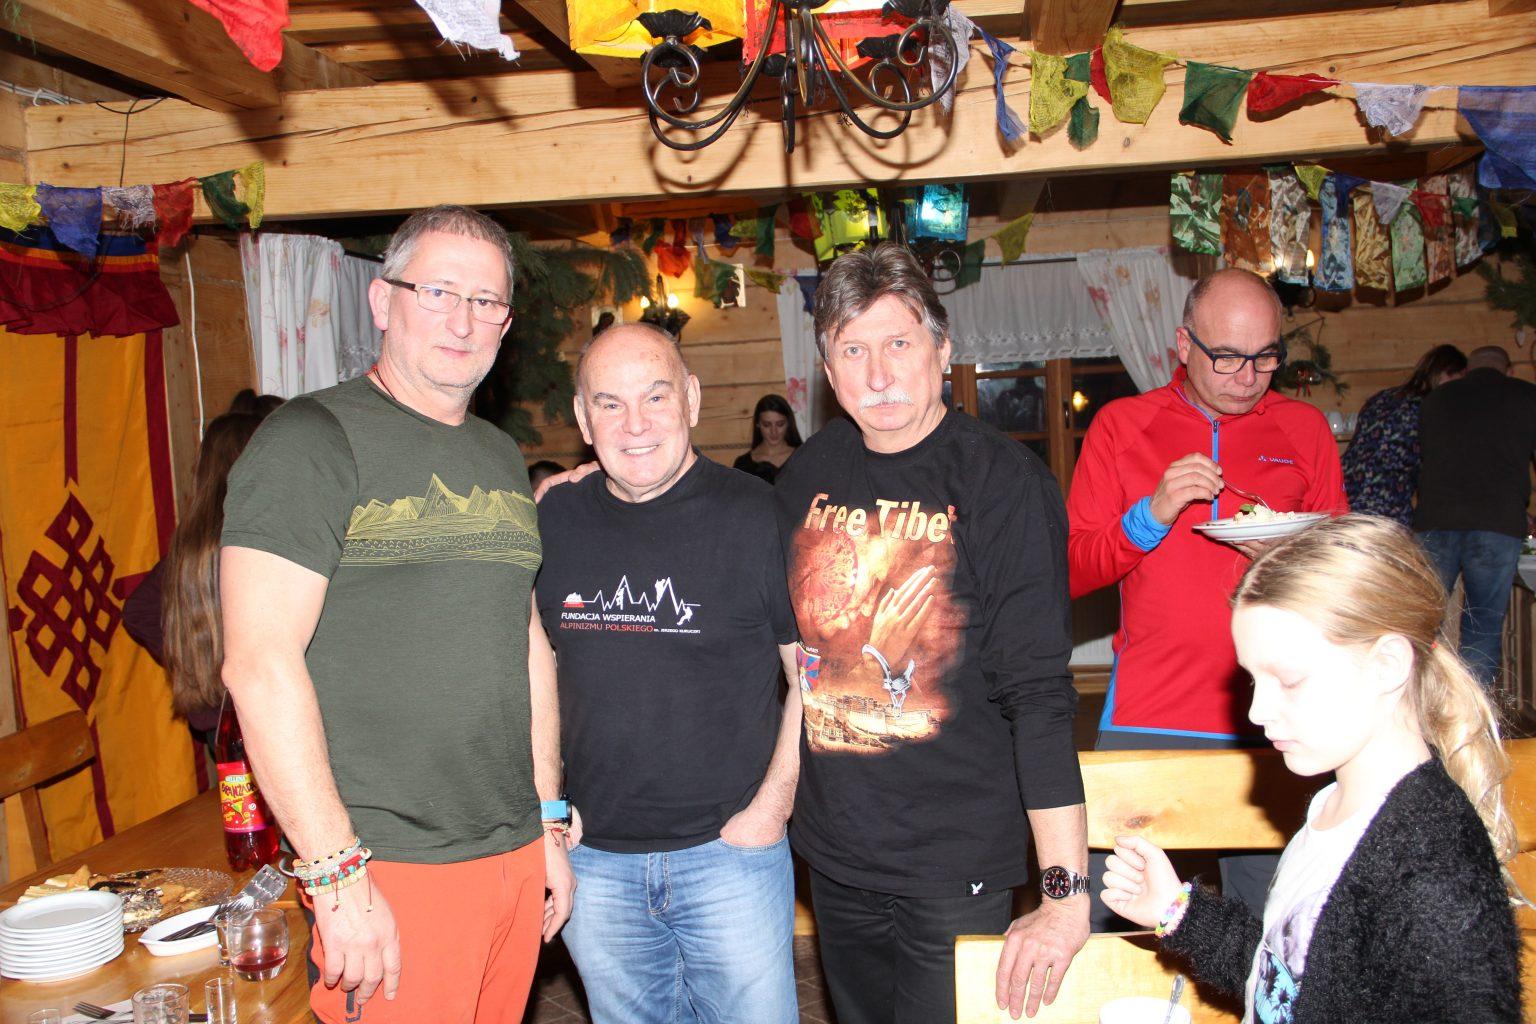 Od lewej Maciej Kałwak, Janusz Majer oraz Grzegorz Chudzik